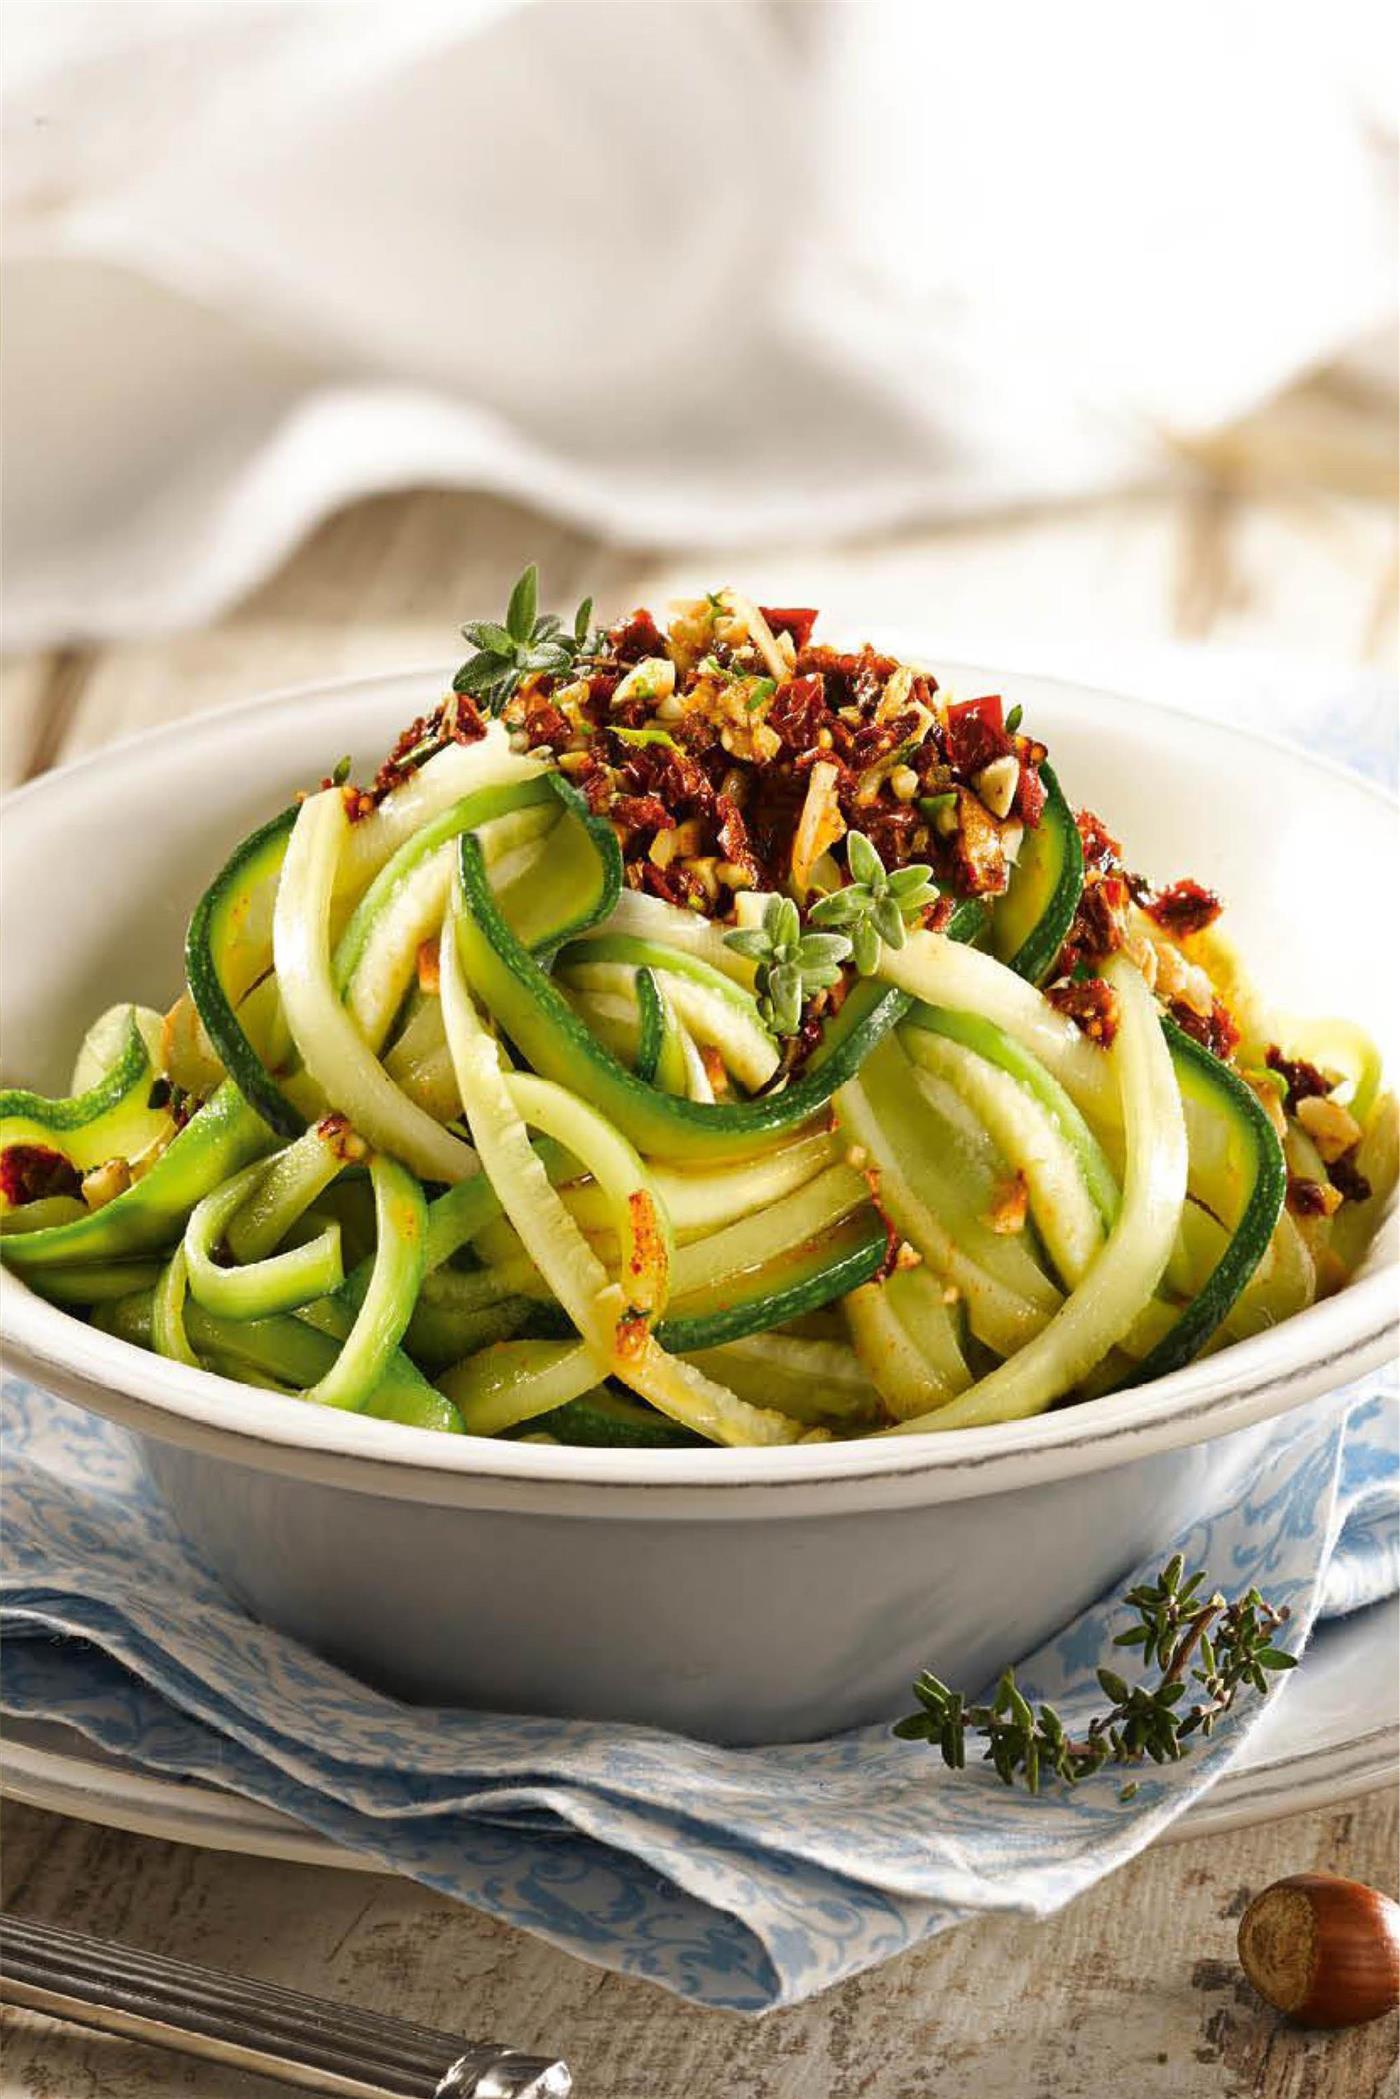 20 Recetas Vegetarianas Fáciles Y Deliciosas